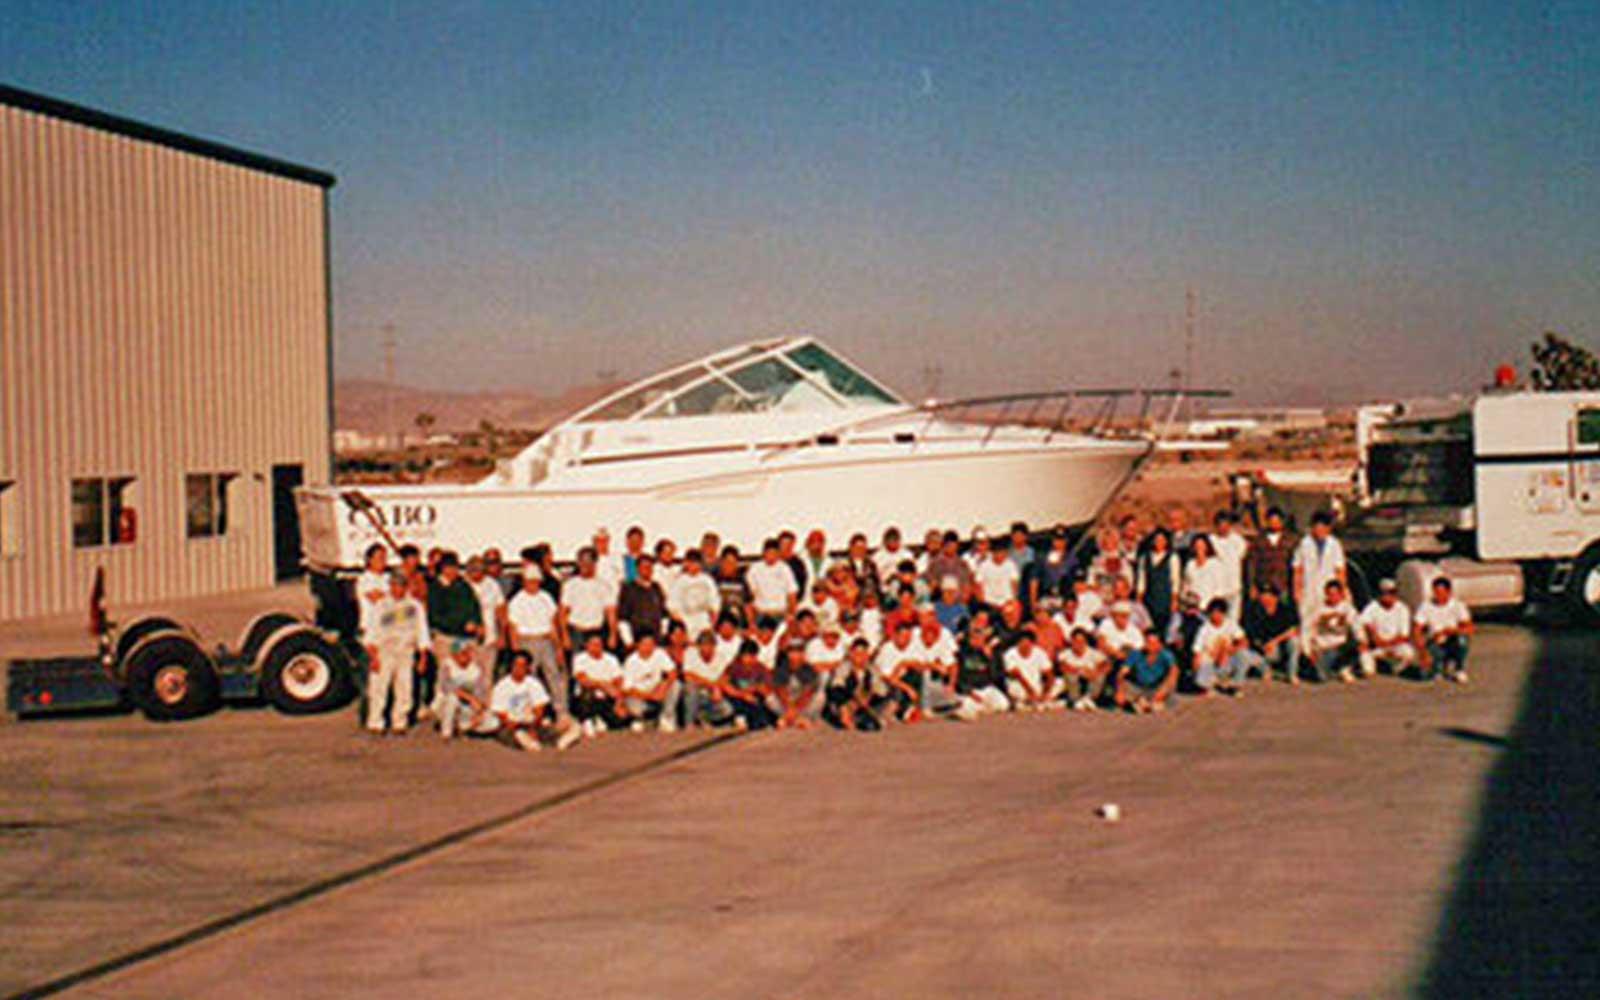 Cabo-team-mag-bay.jpg